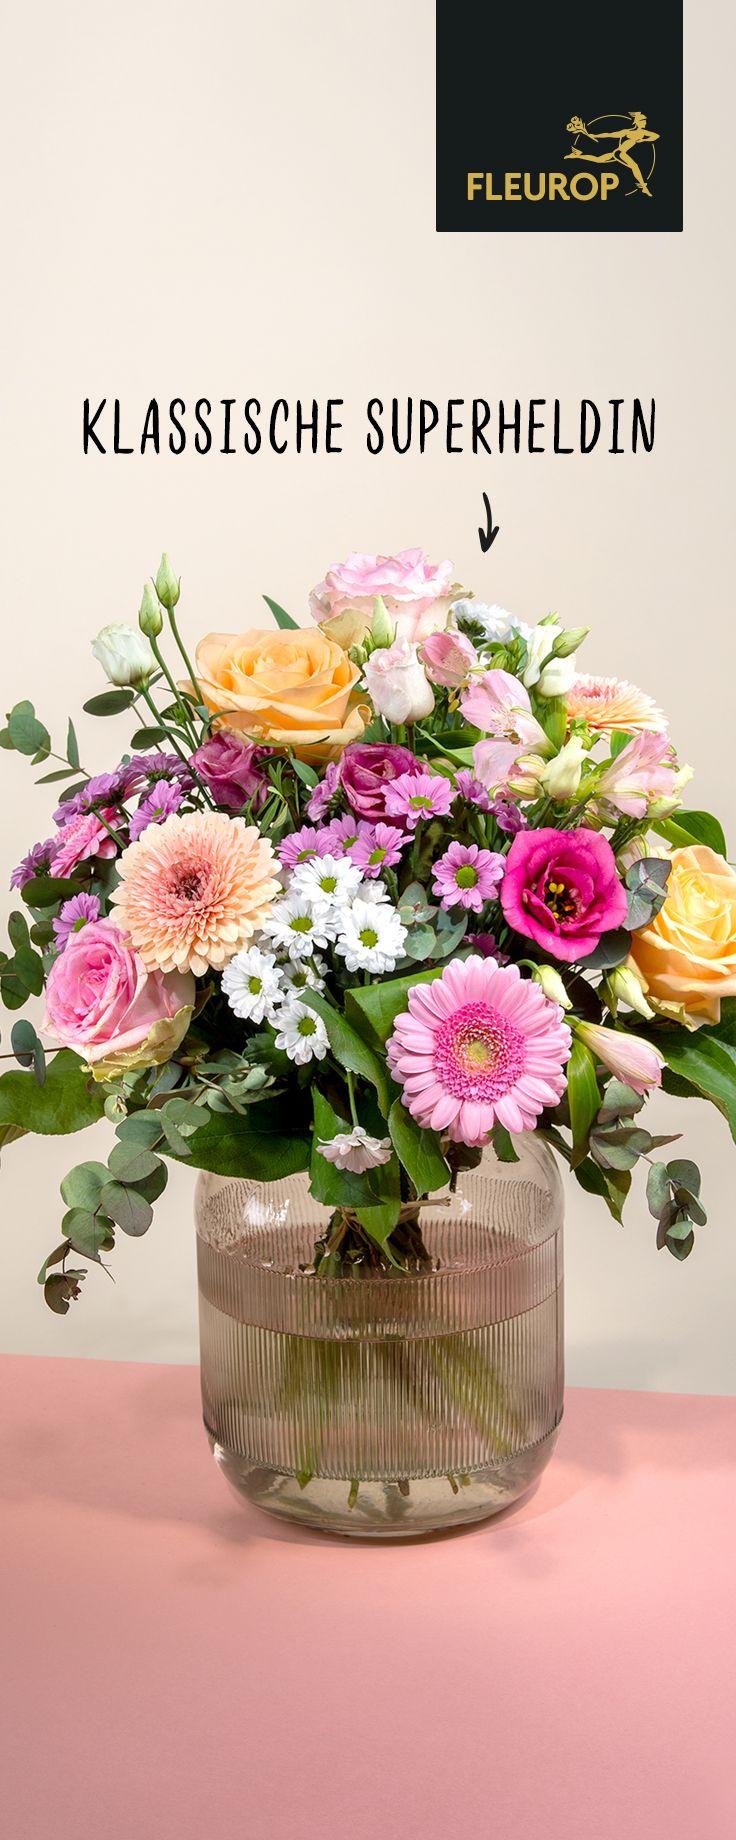 Blumen zum Muttertag verschenken - Strauß Klassische